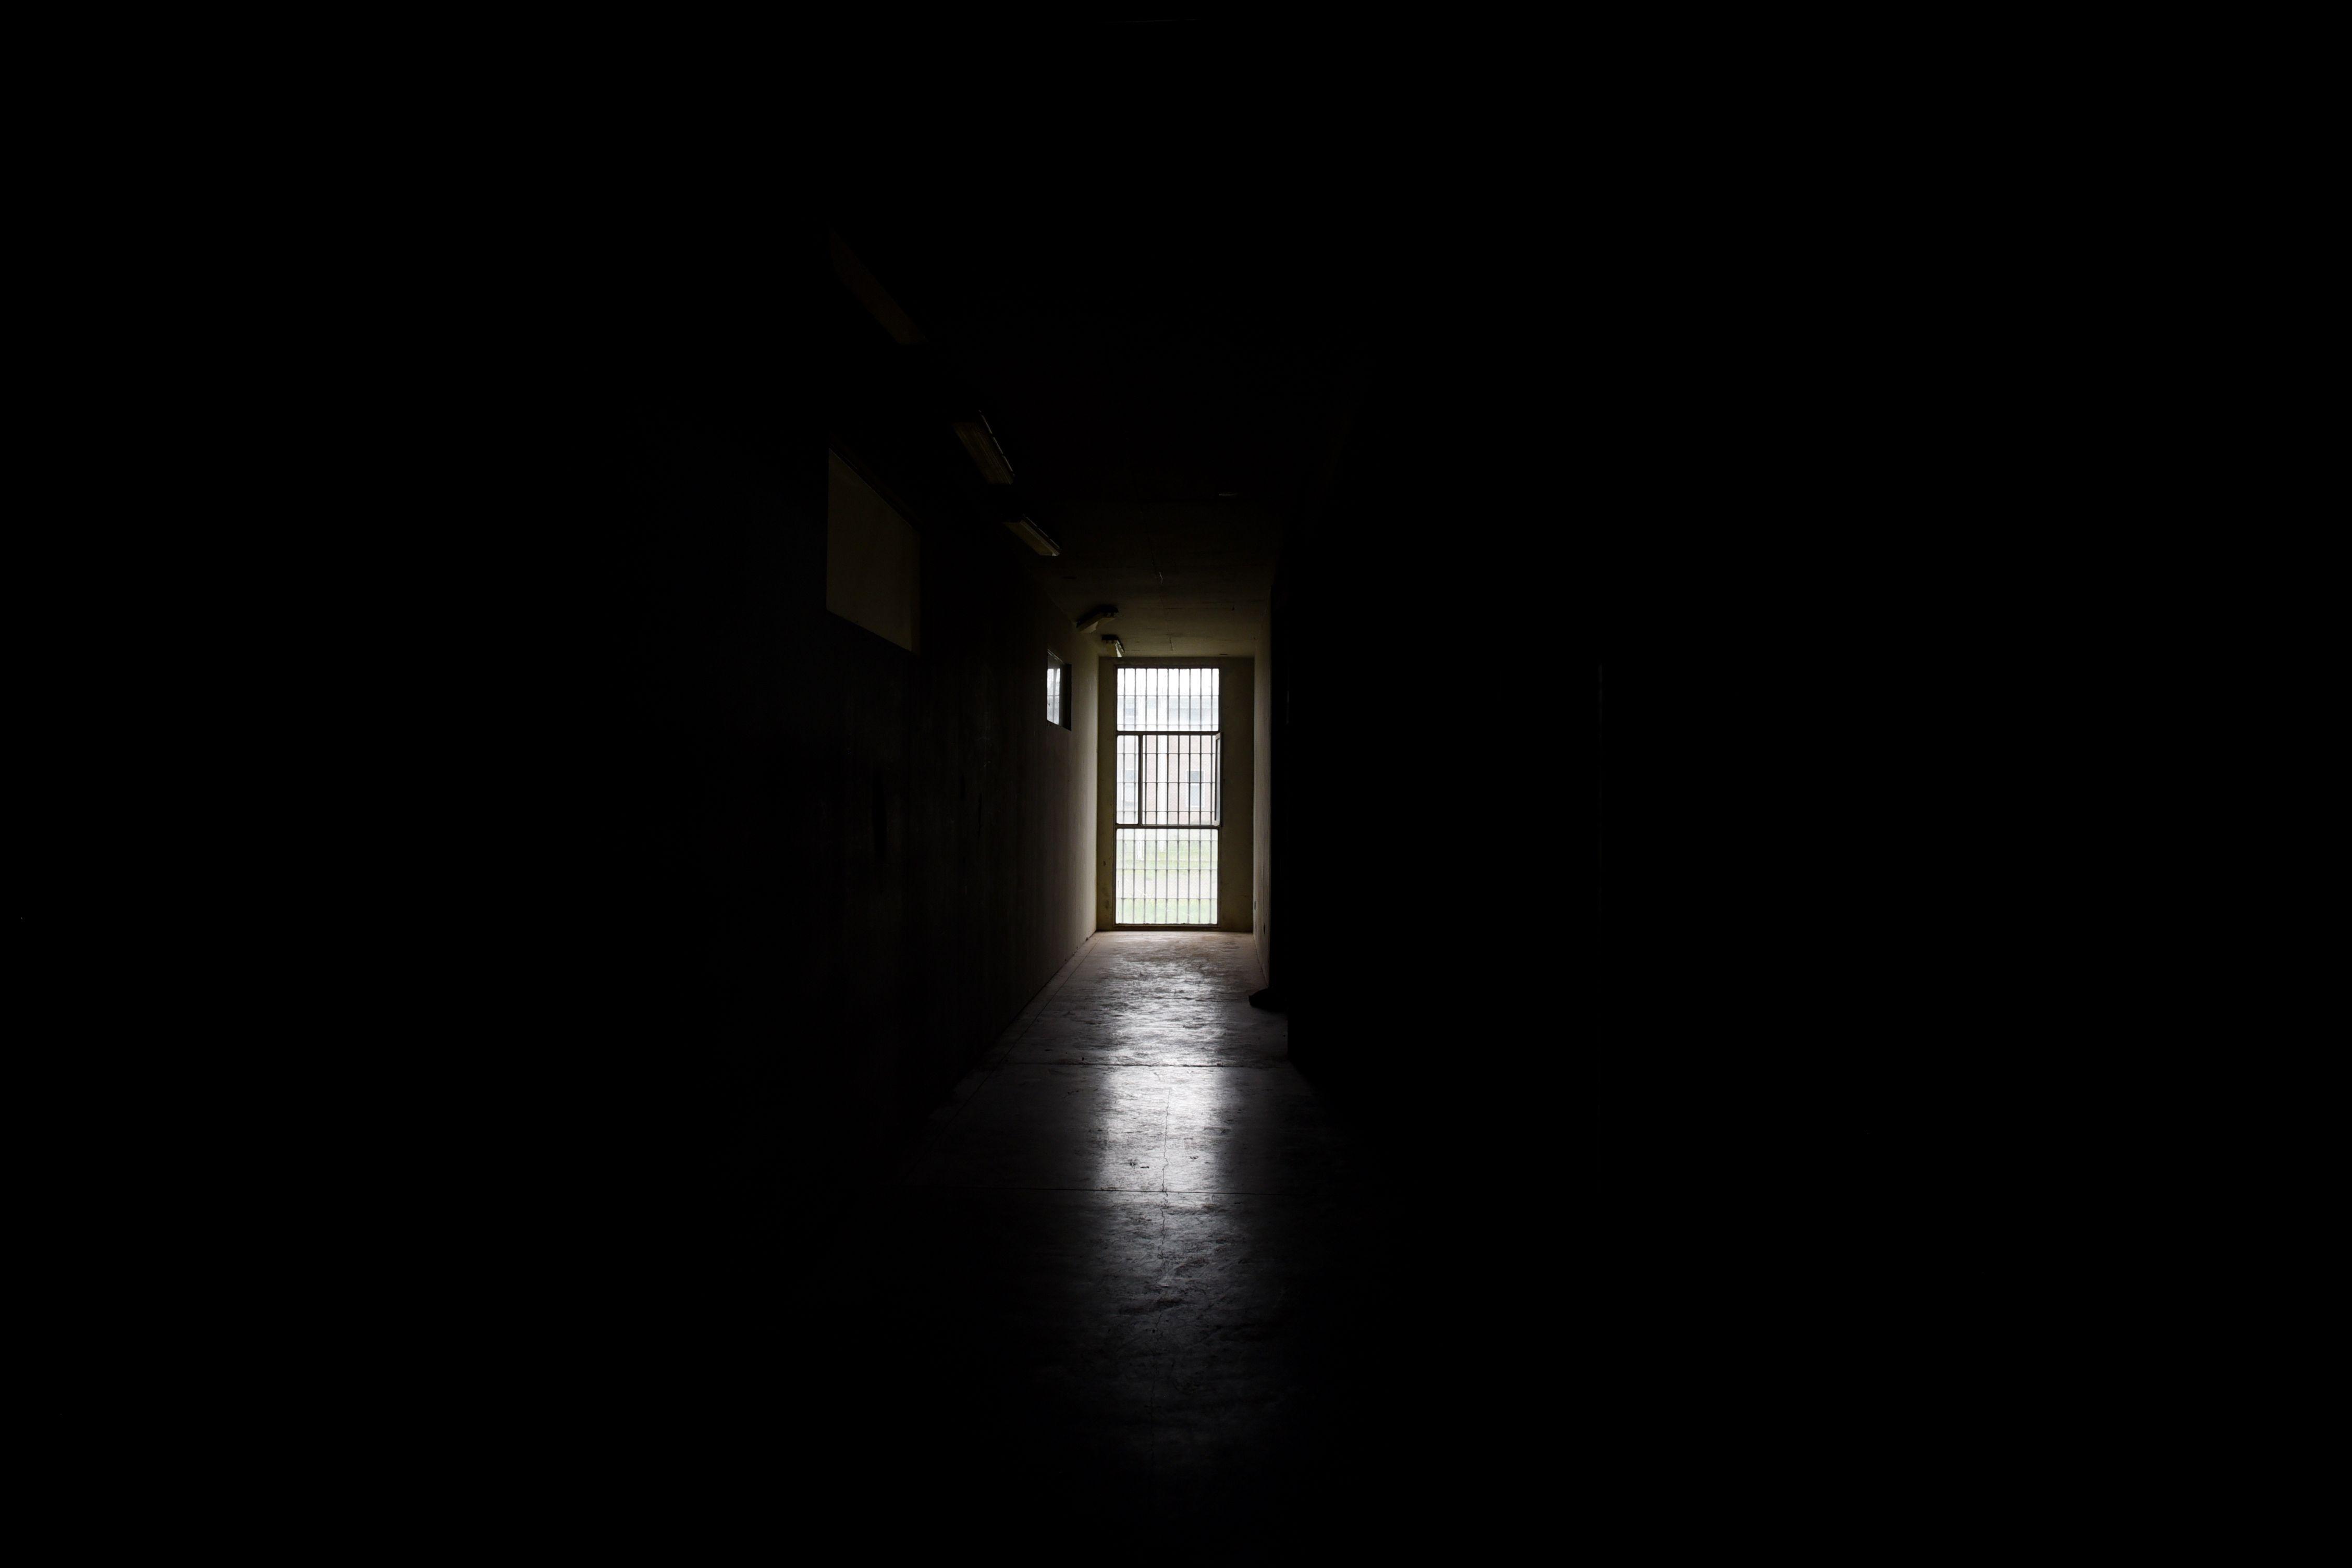 La provincia hoy se ocupa de que presos federales con salidas retornen a los penales o cumplan su domiciliaria. (Celina Mutti Lovera)